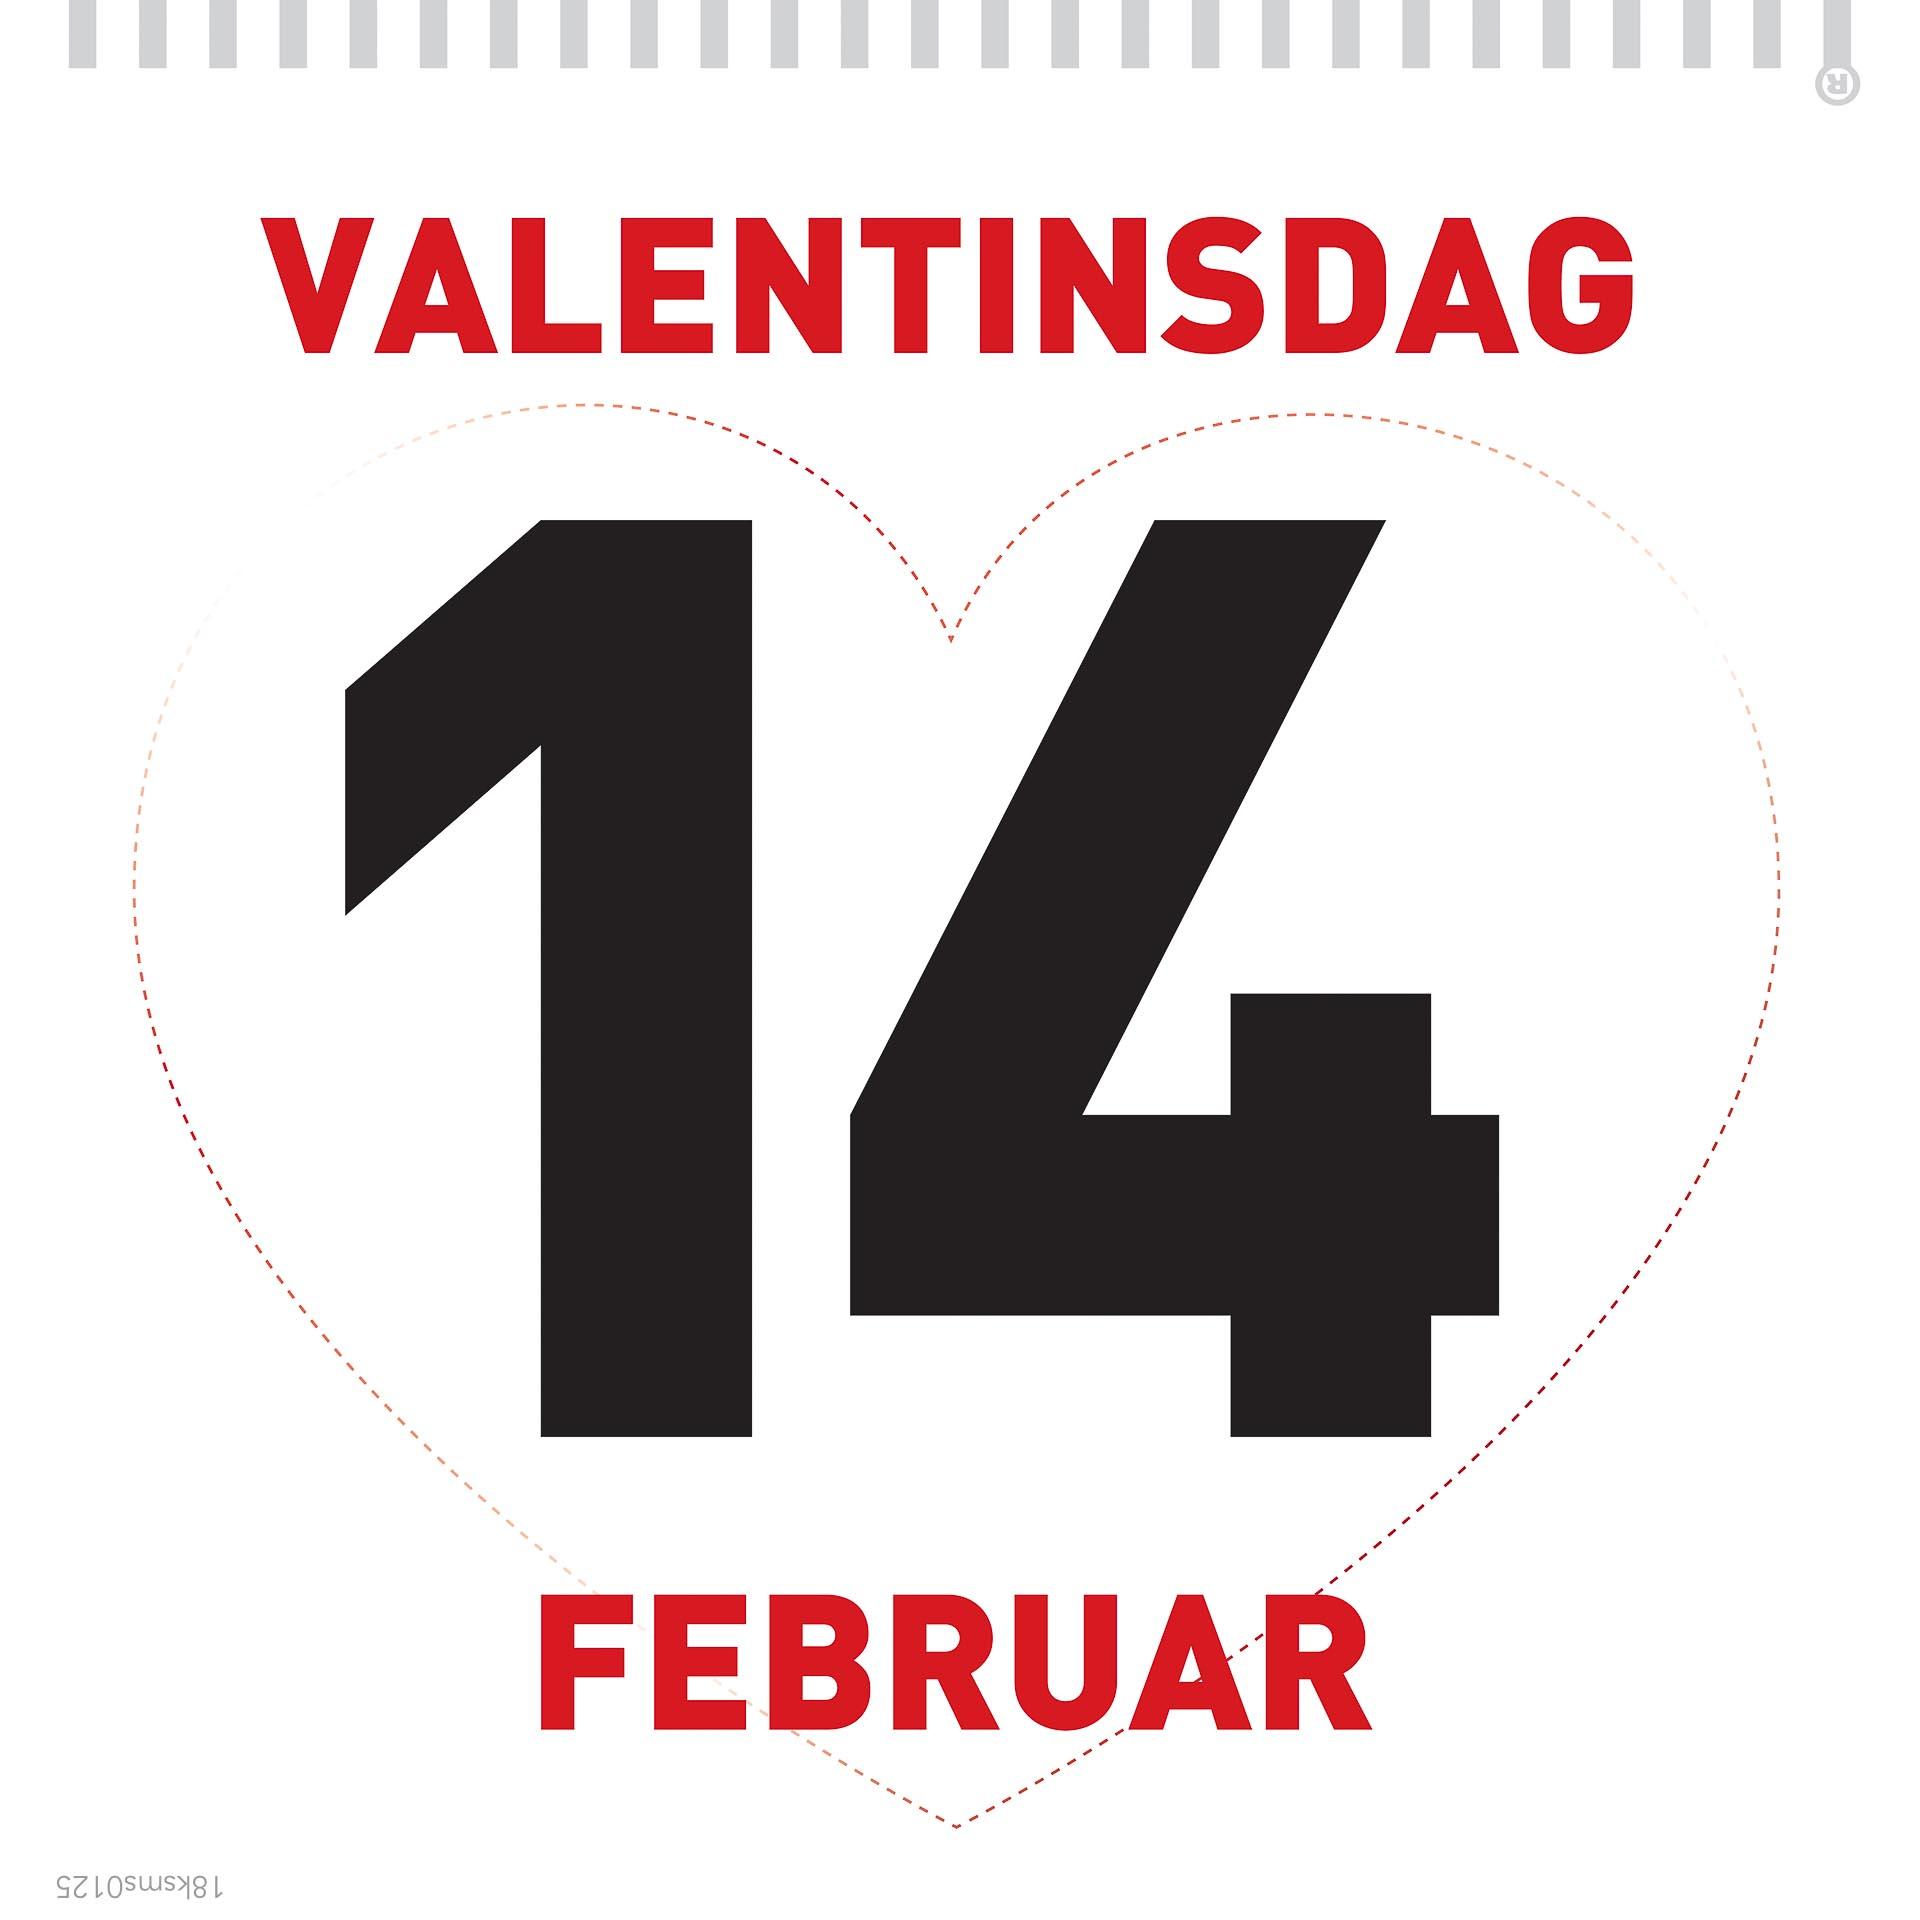 Valentinsdagen på kalenderen